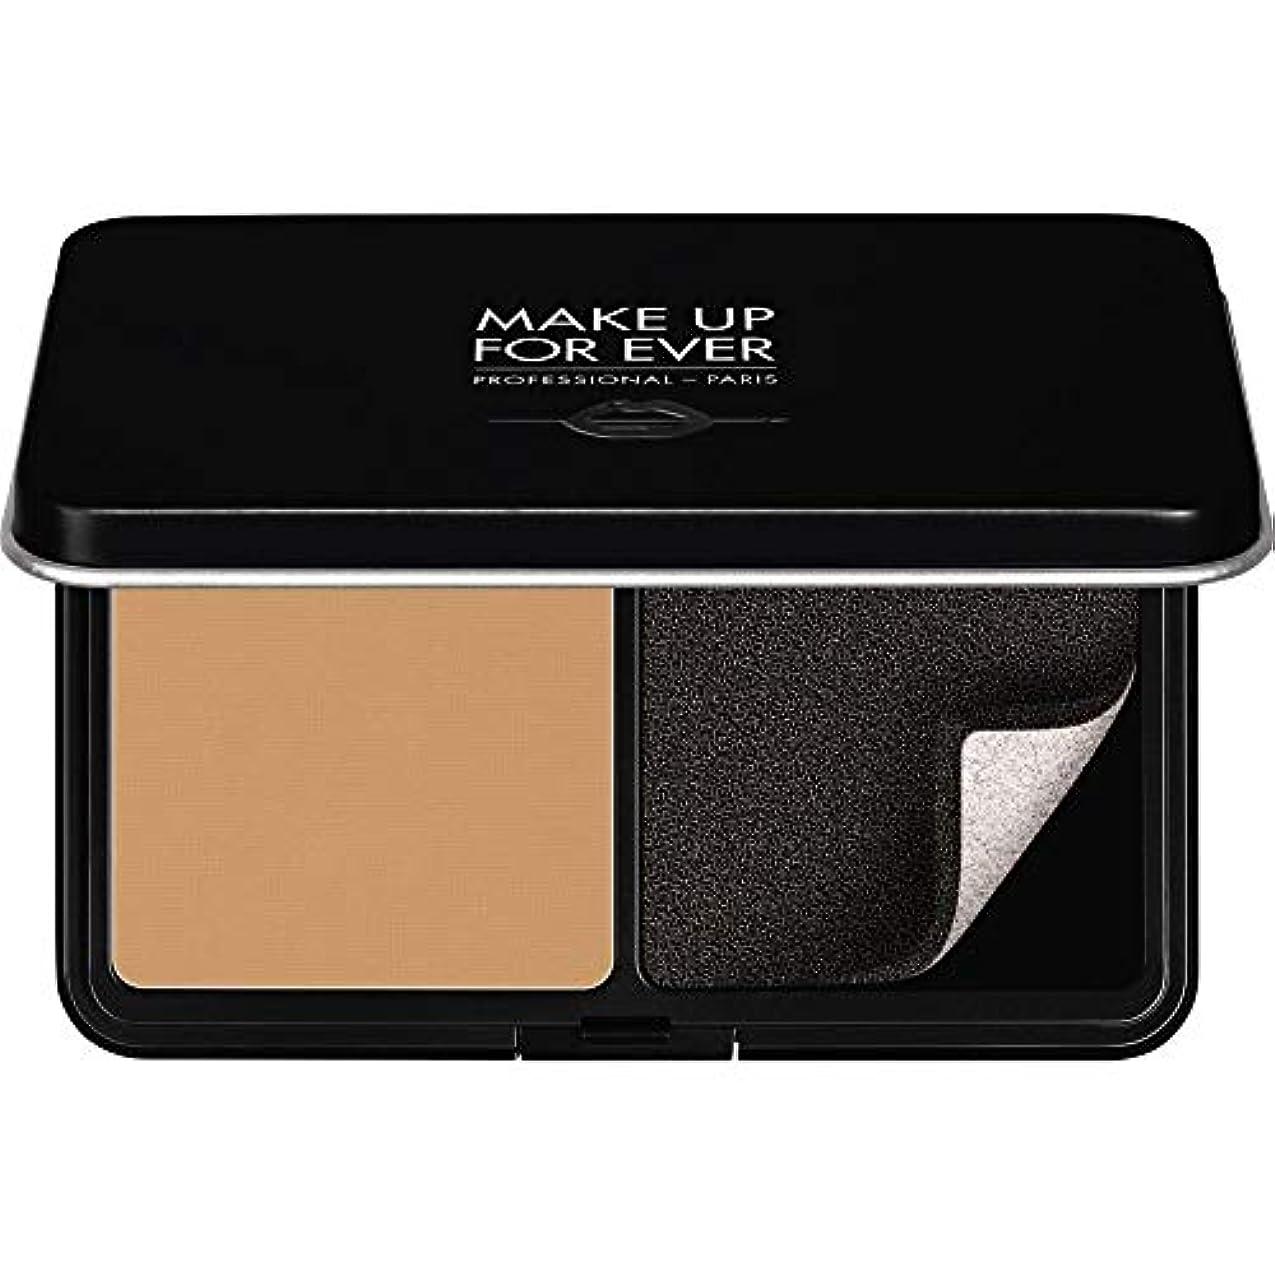 傀儡耳花火[MAKE UP FOR EVER ] パウダーファンデーション11GののY365をぼかし、これまでマットベルベットの肌を補う - 砂漠 - MAKE UP FOR EVER Matte Velvet Skin Blurring Powder Foundation 11g Y365 - Desert [並行輸入品]